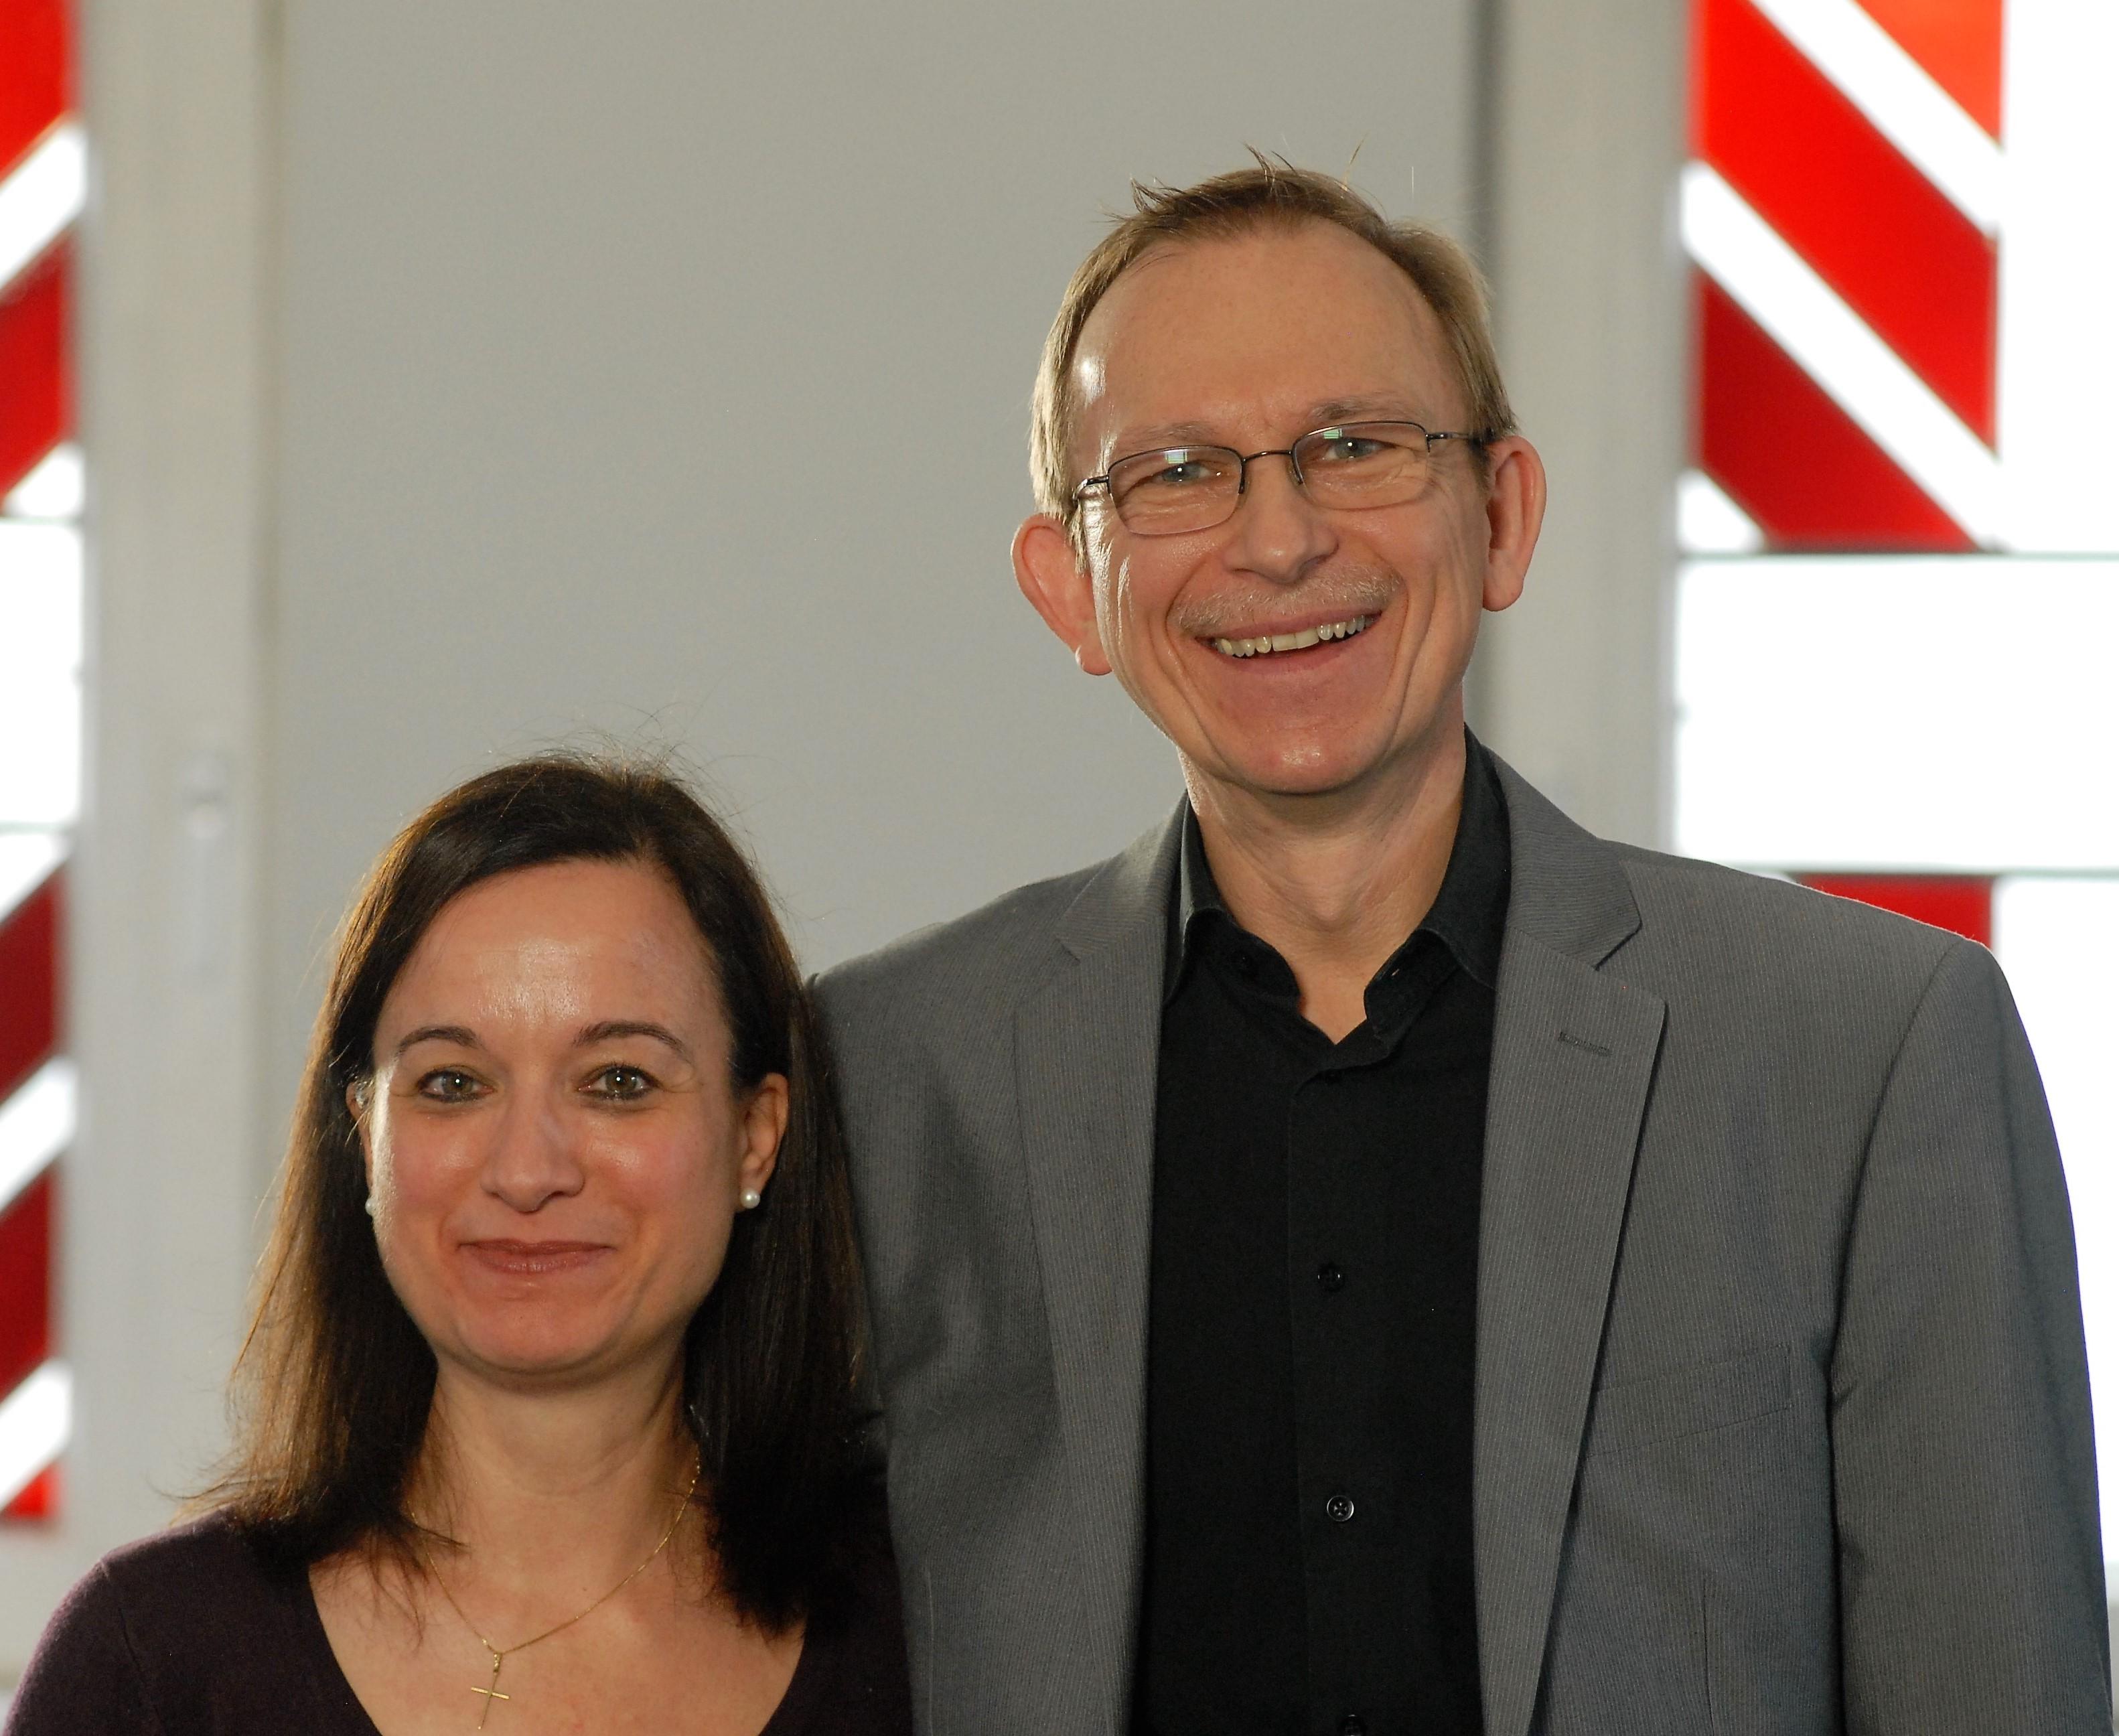 Udo und Karola Lütjen